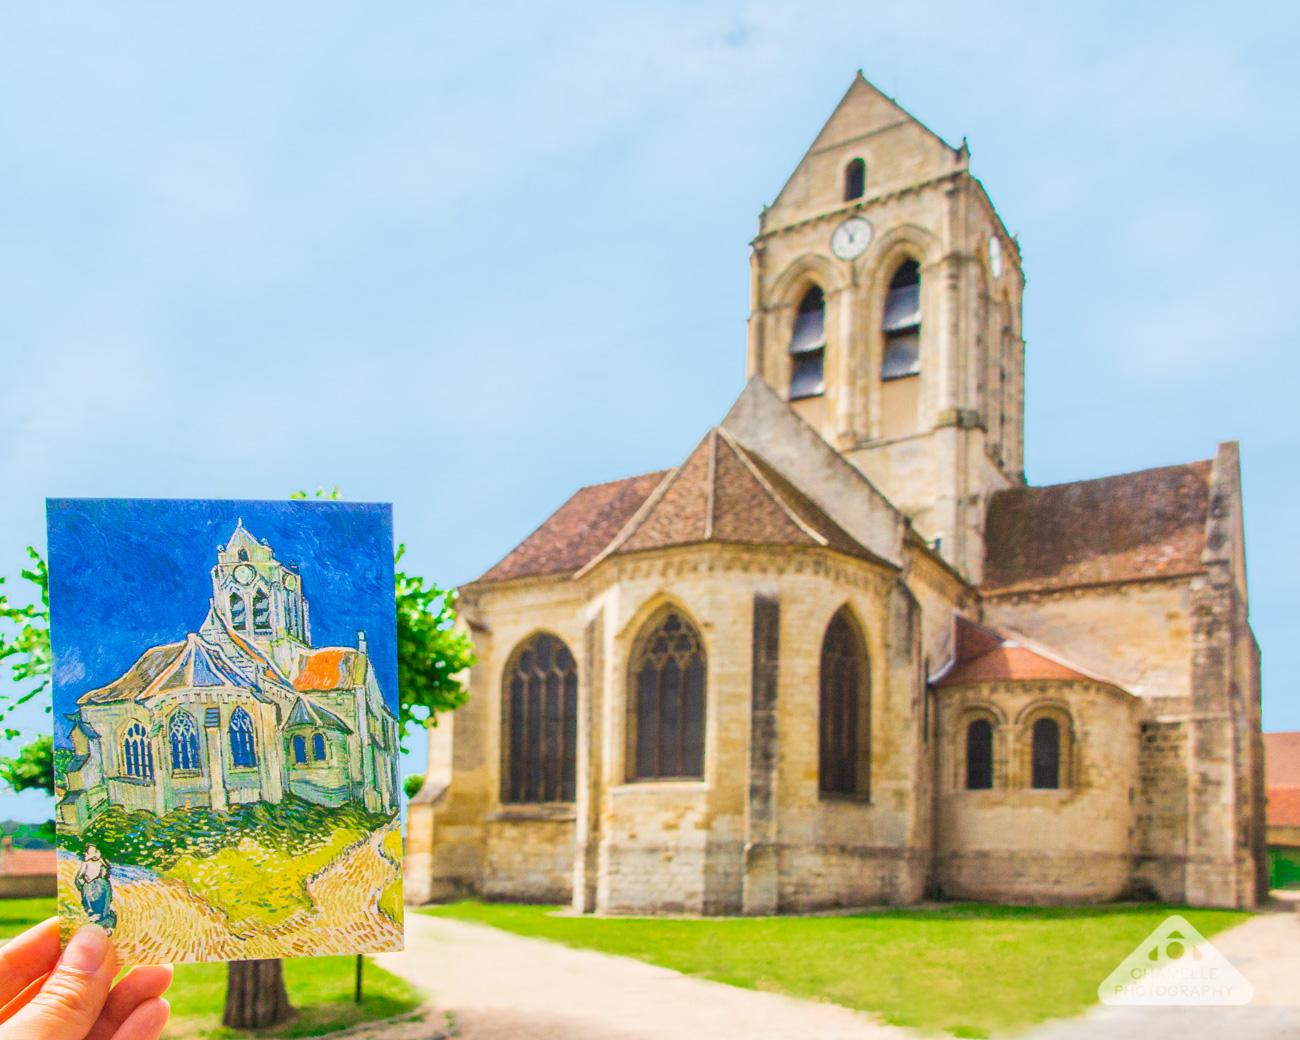 Vincent Van Gogh Trail Paris Auvers-sur-Oise France Eglise notre dame Chamelle travel blog